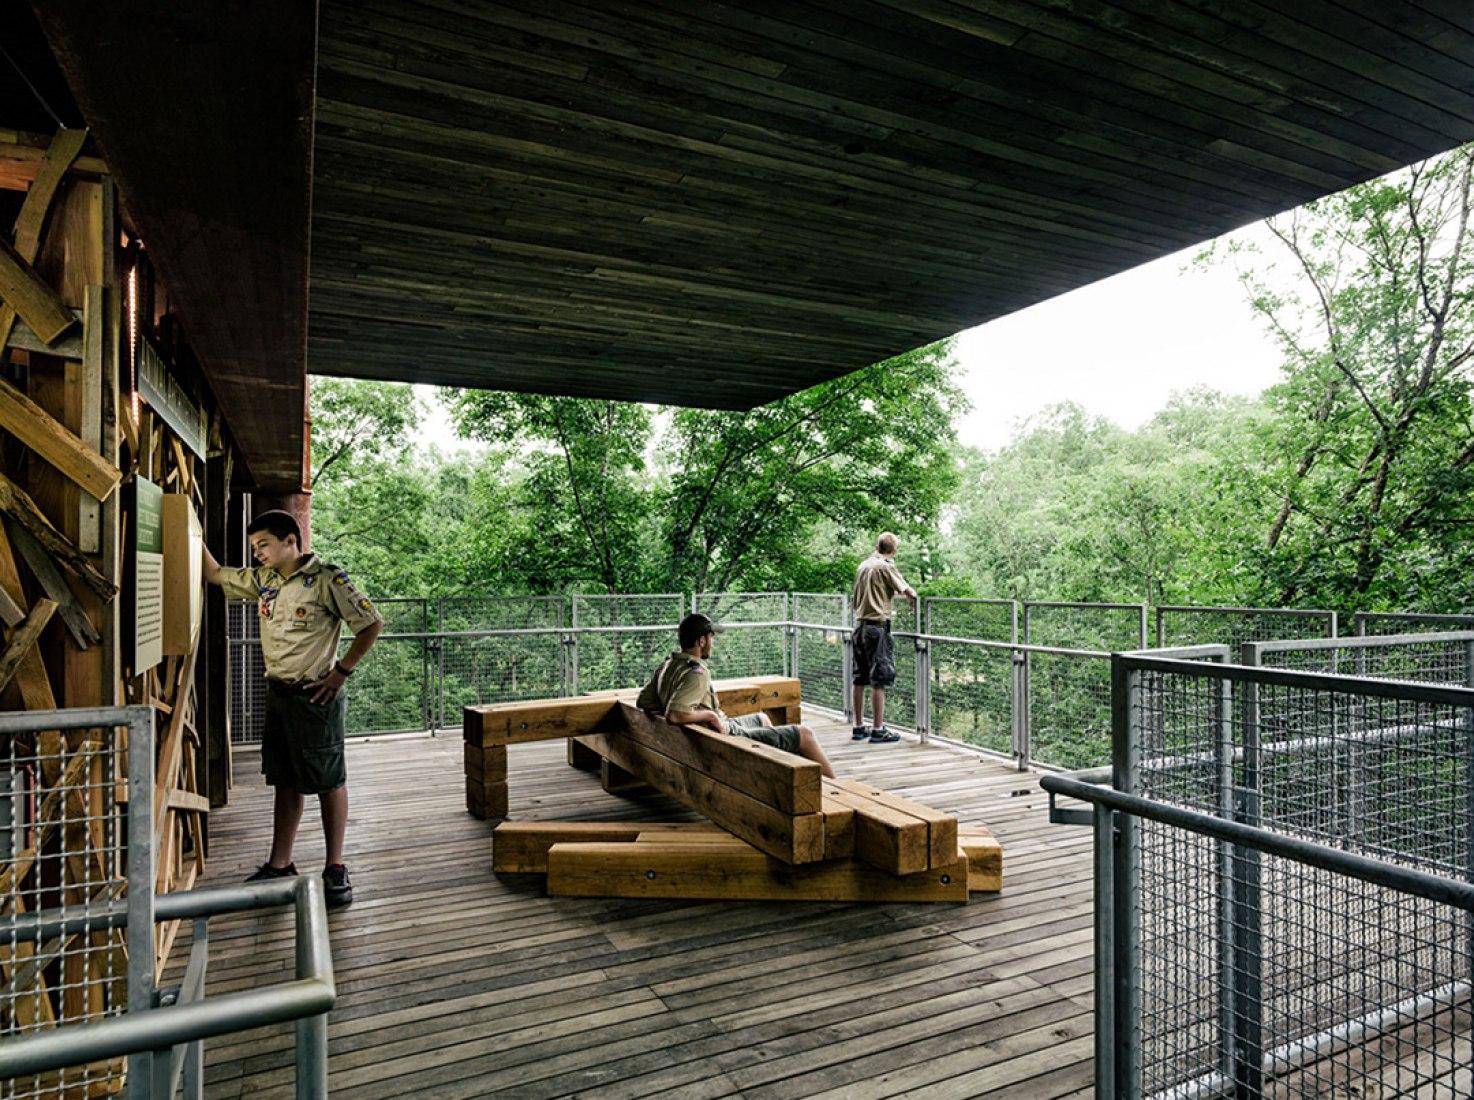 La sostenible casa del árbol por Mithun. Fotografía © Joe Fletcher